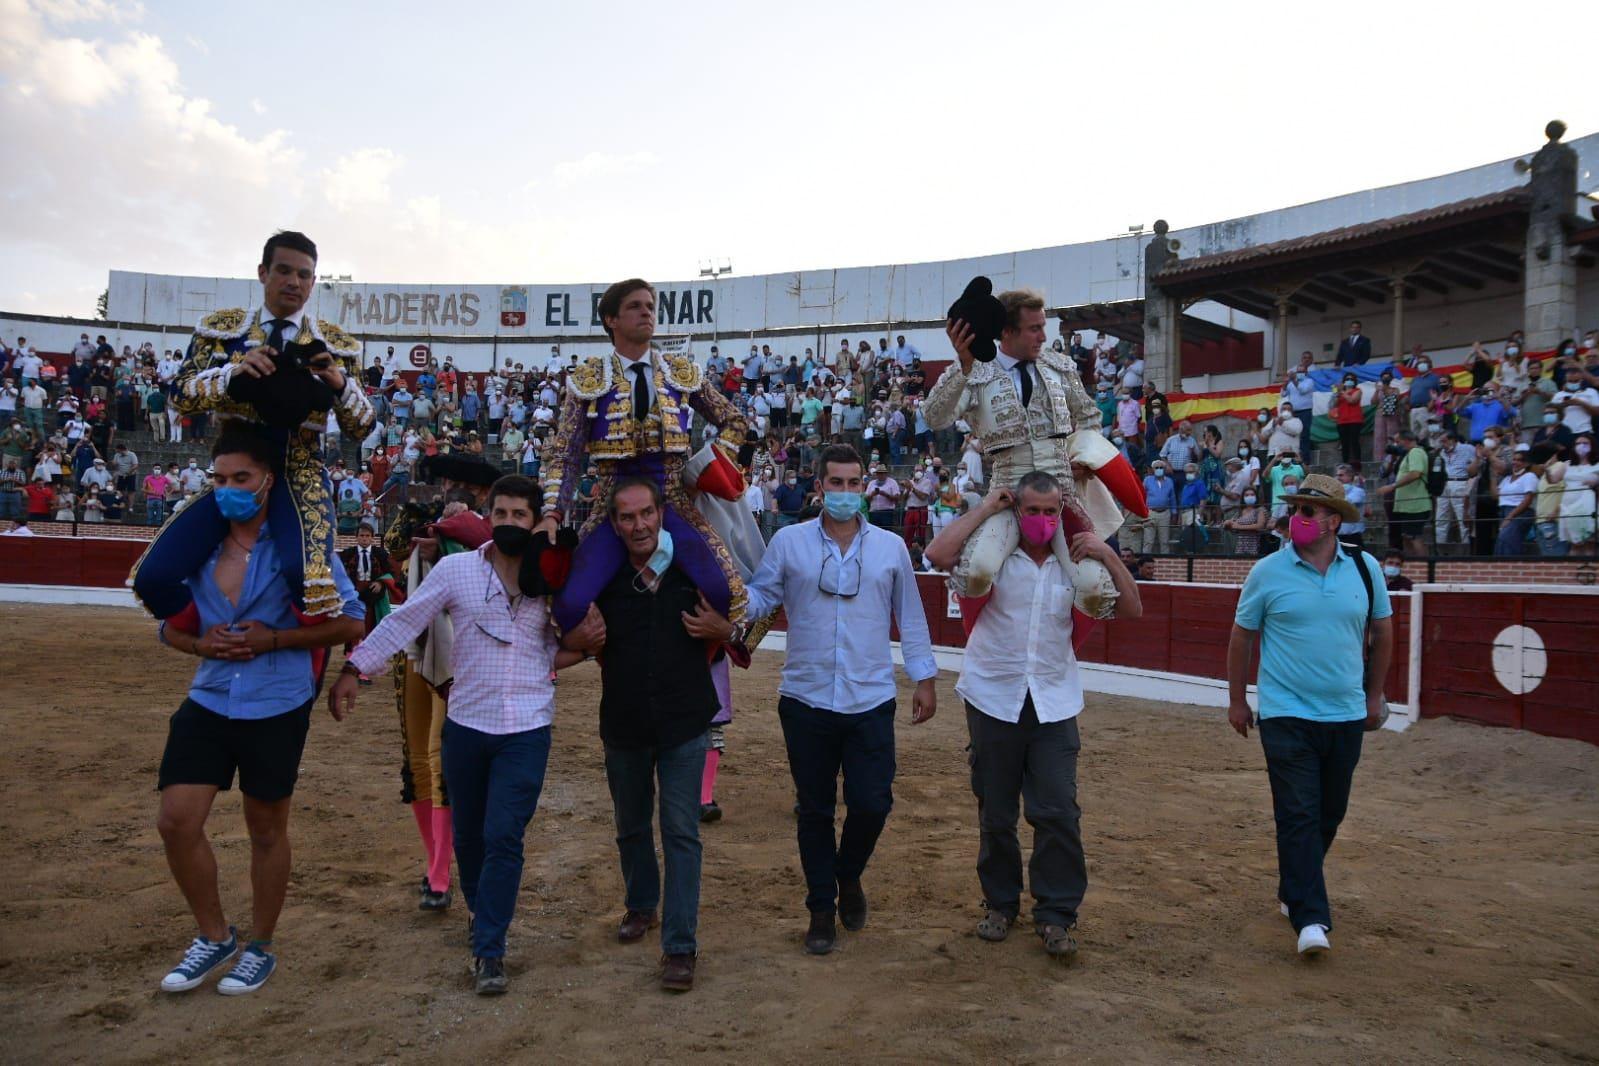 17-Juli-Manzanares-y-Roman-El-Espinar-en-hombros